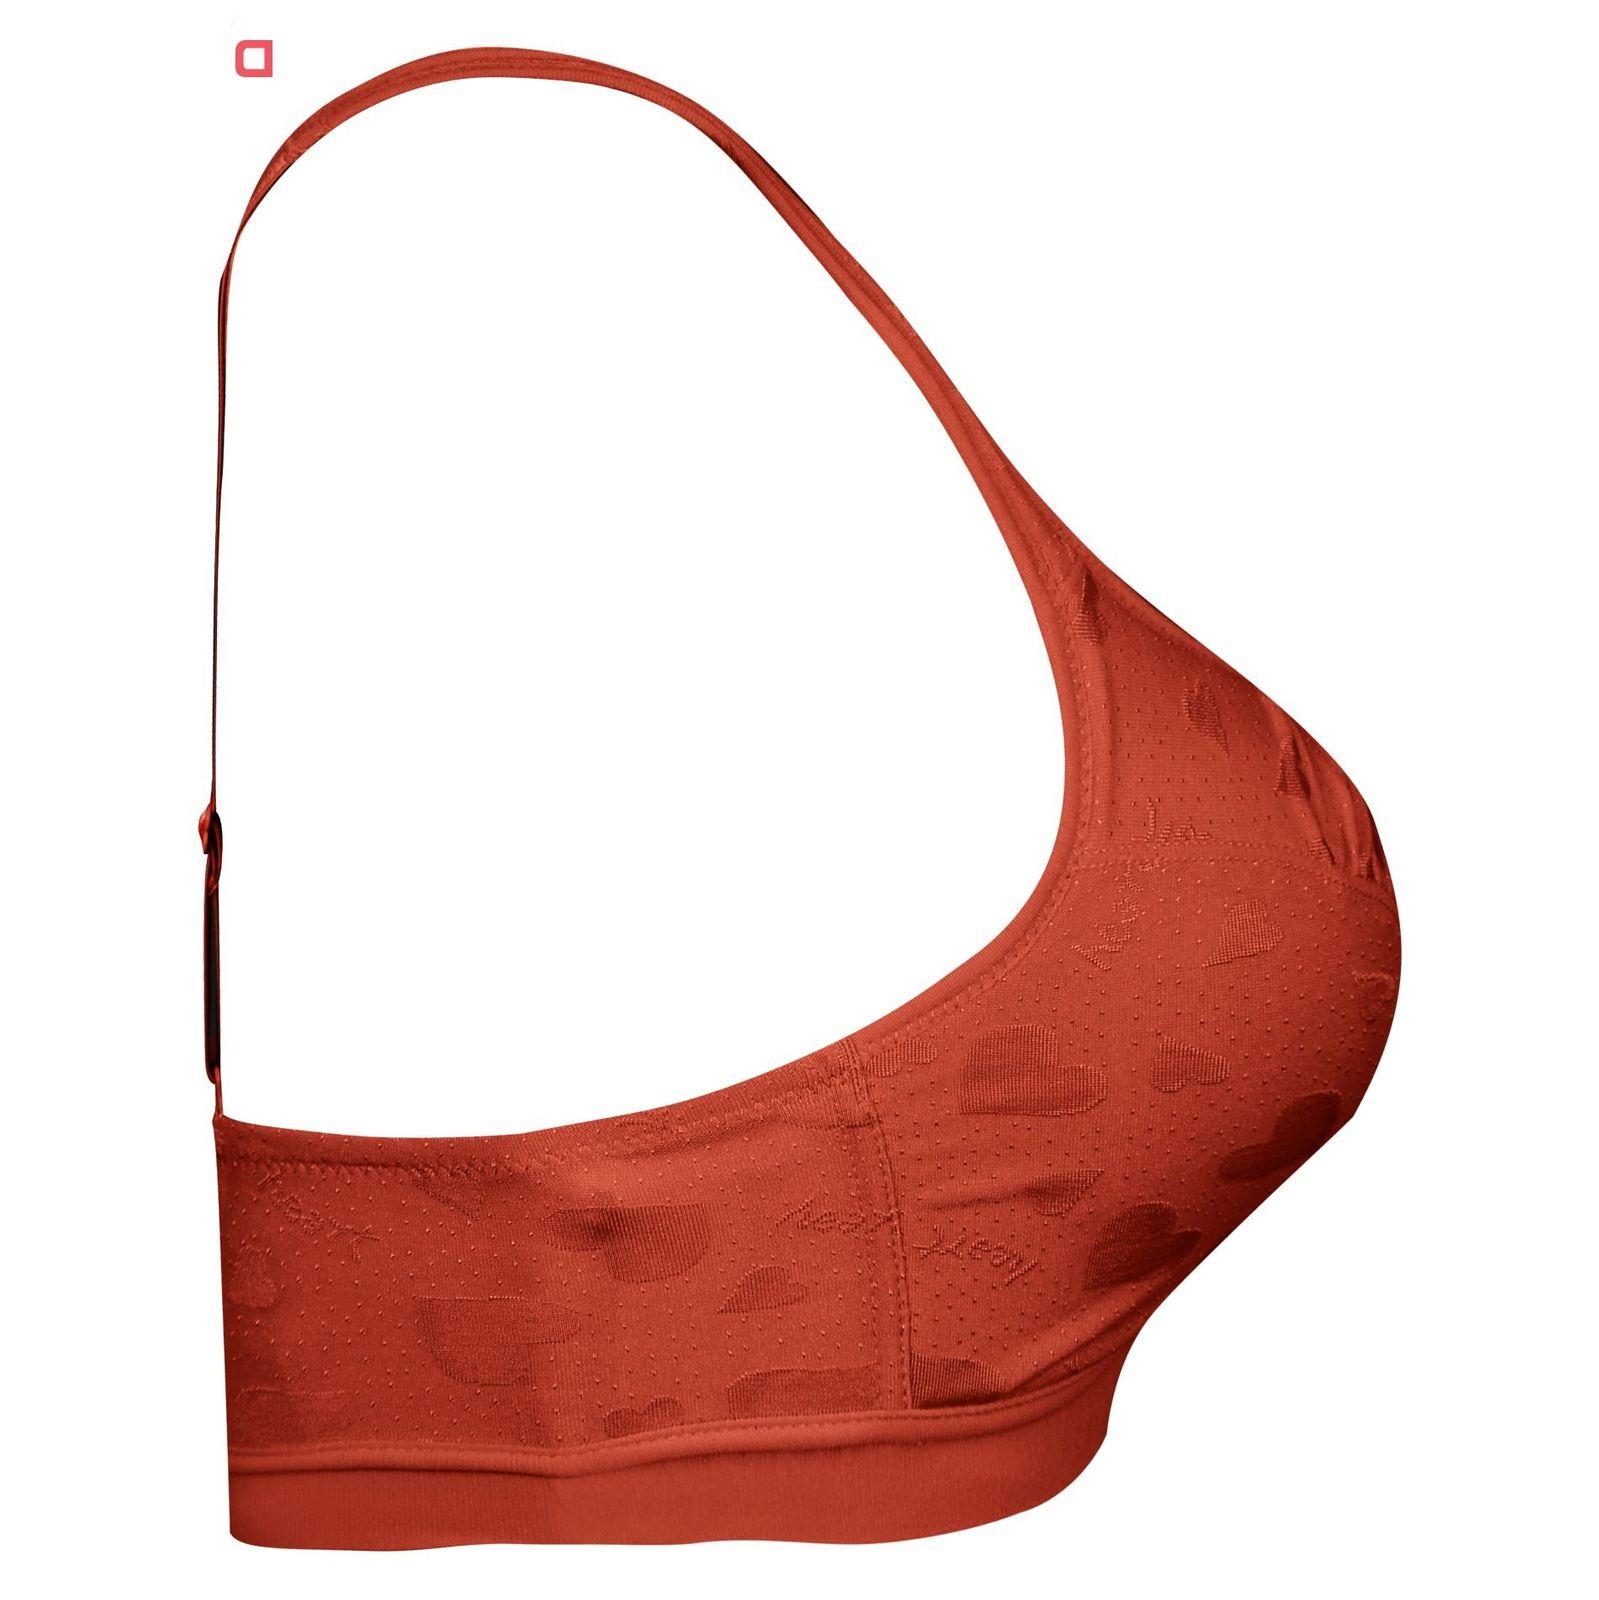 سوتین زنانه کد 3192-4 رنگ قرمز main 1 2